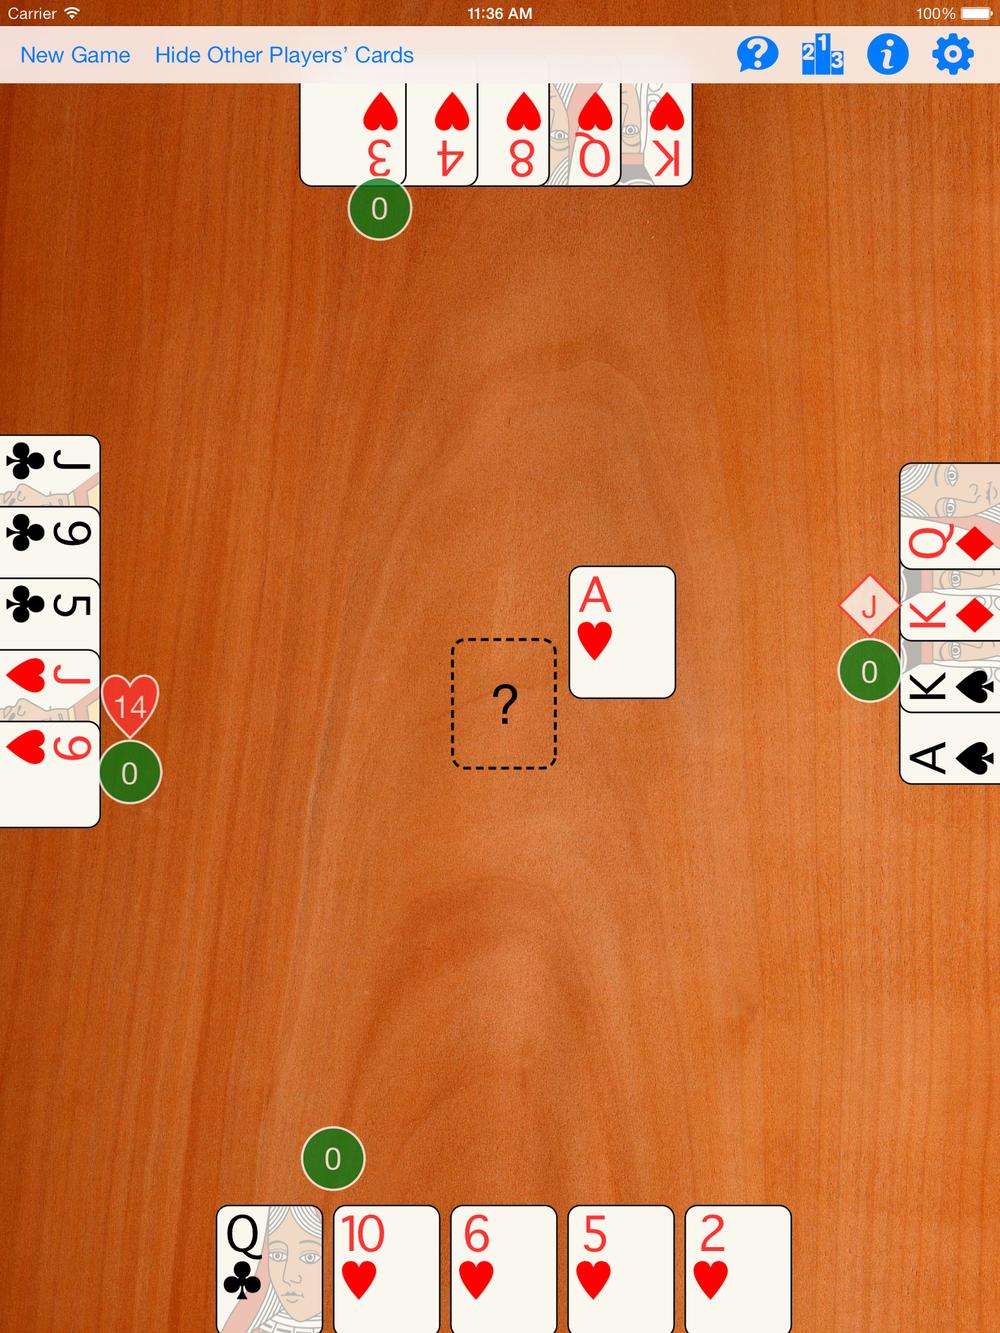 iOS Simulator Screen shot Sep 17, 2013 11.36.39 AM.png